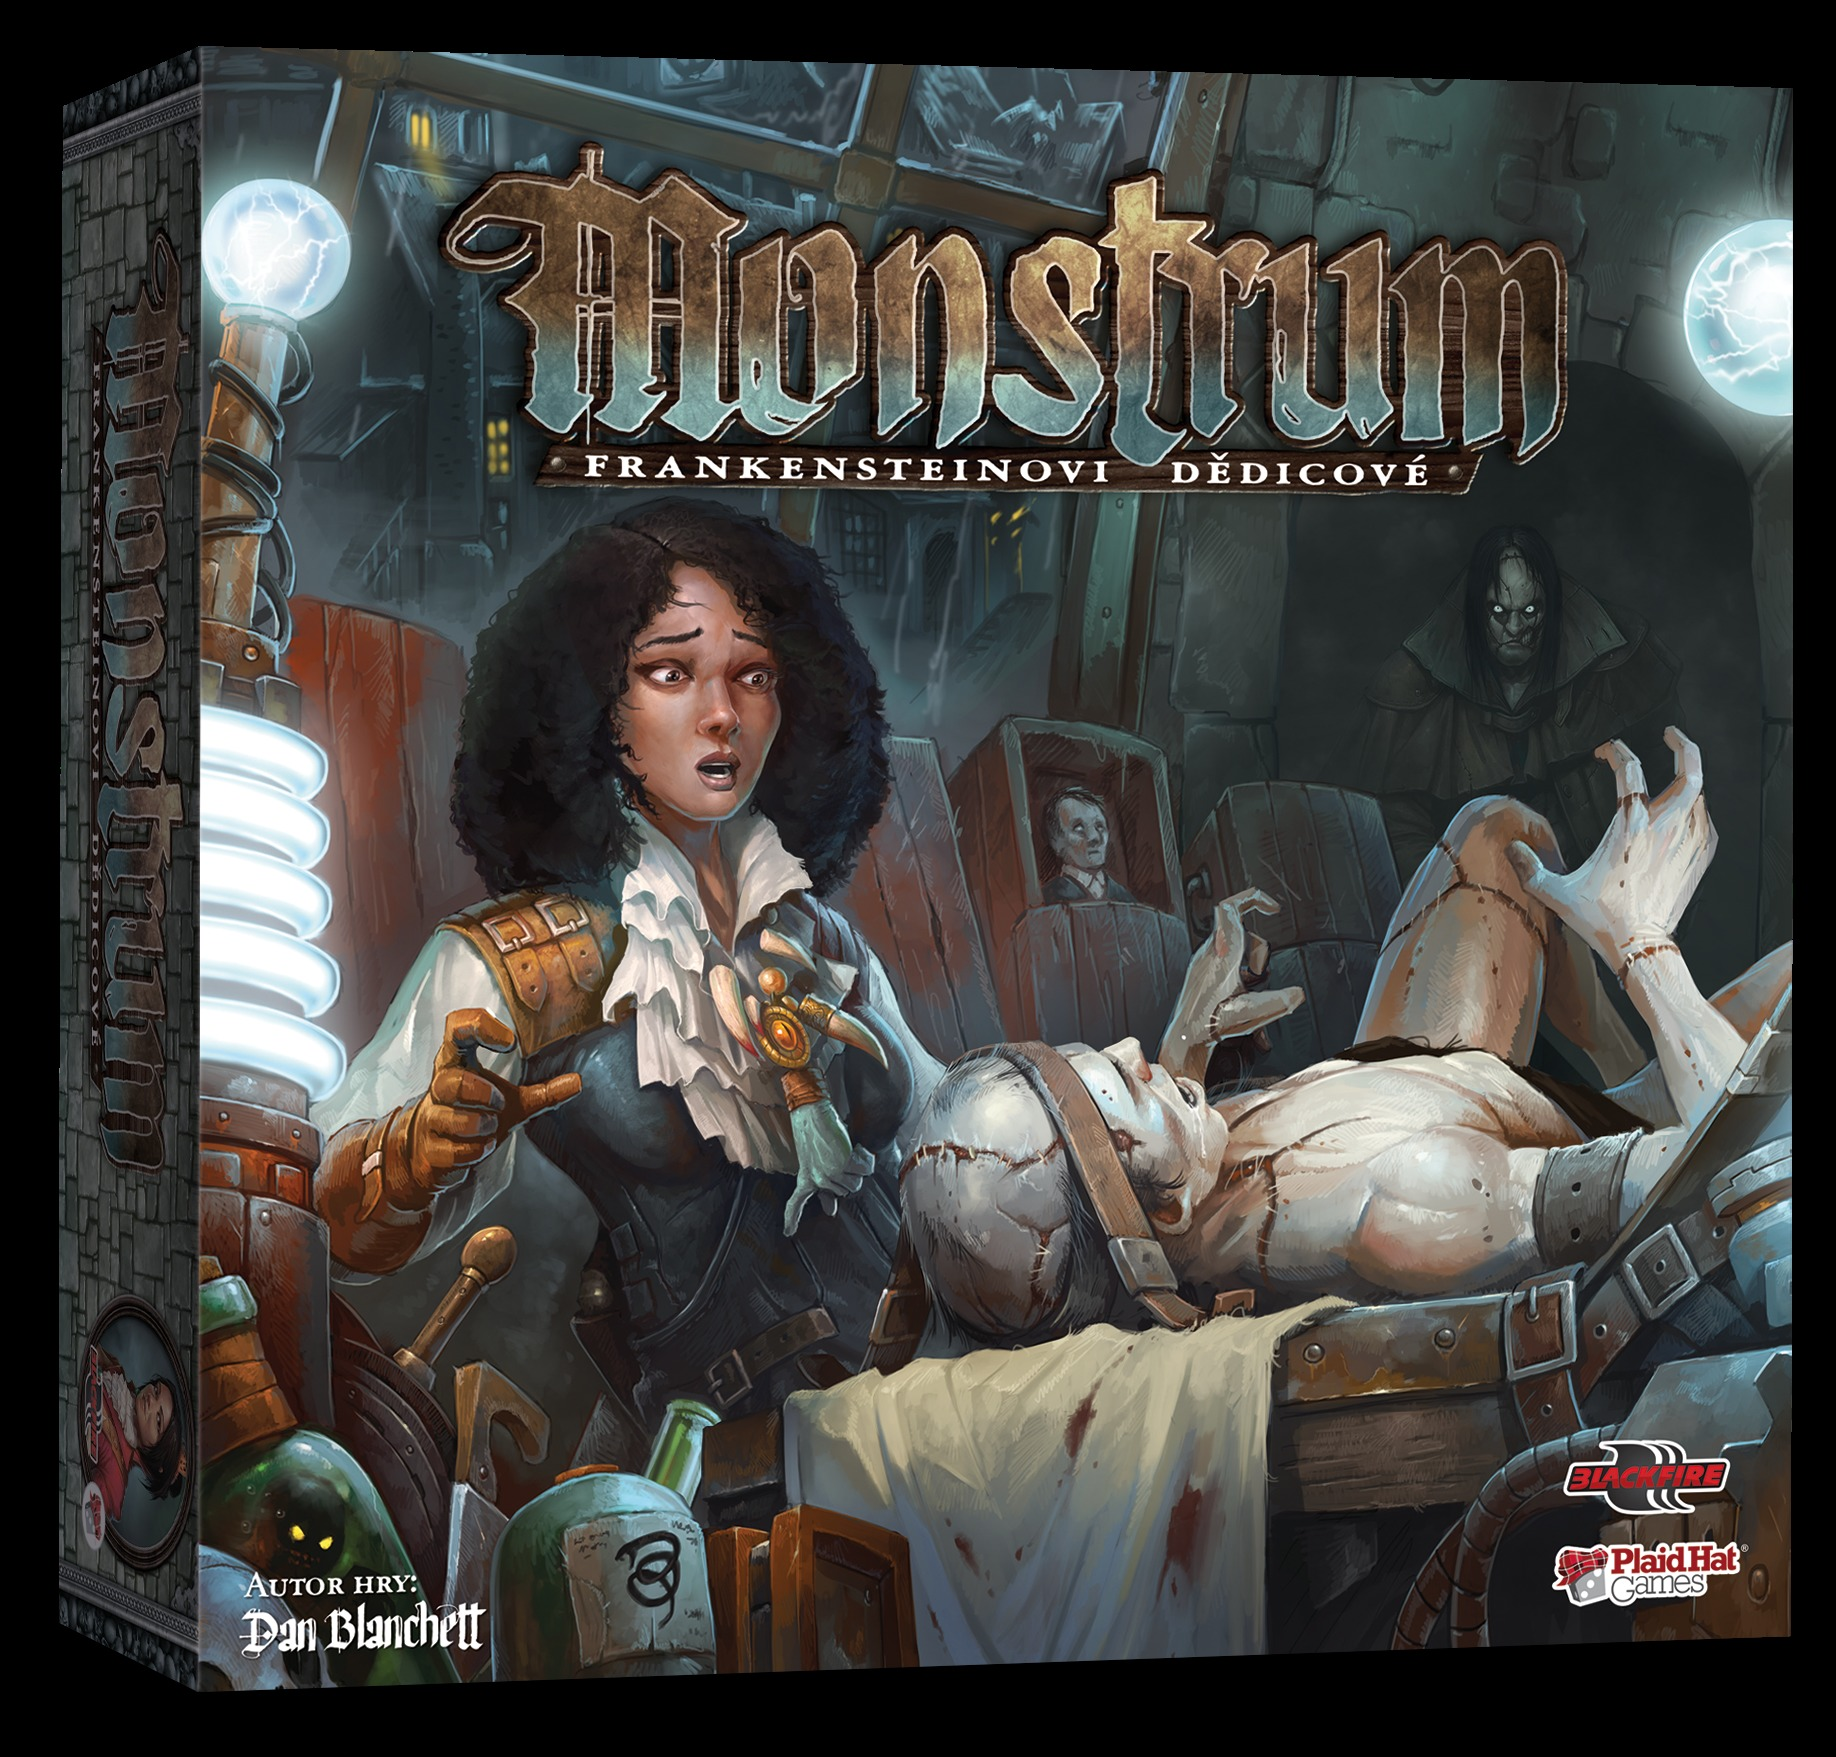 Desková hra Monstrum: Frankensteinovi dědicové (PC)